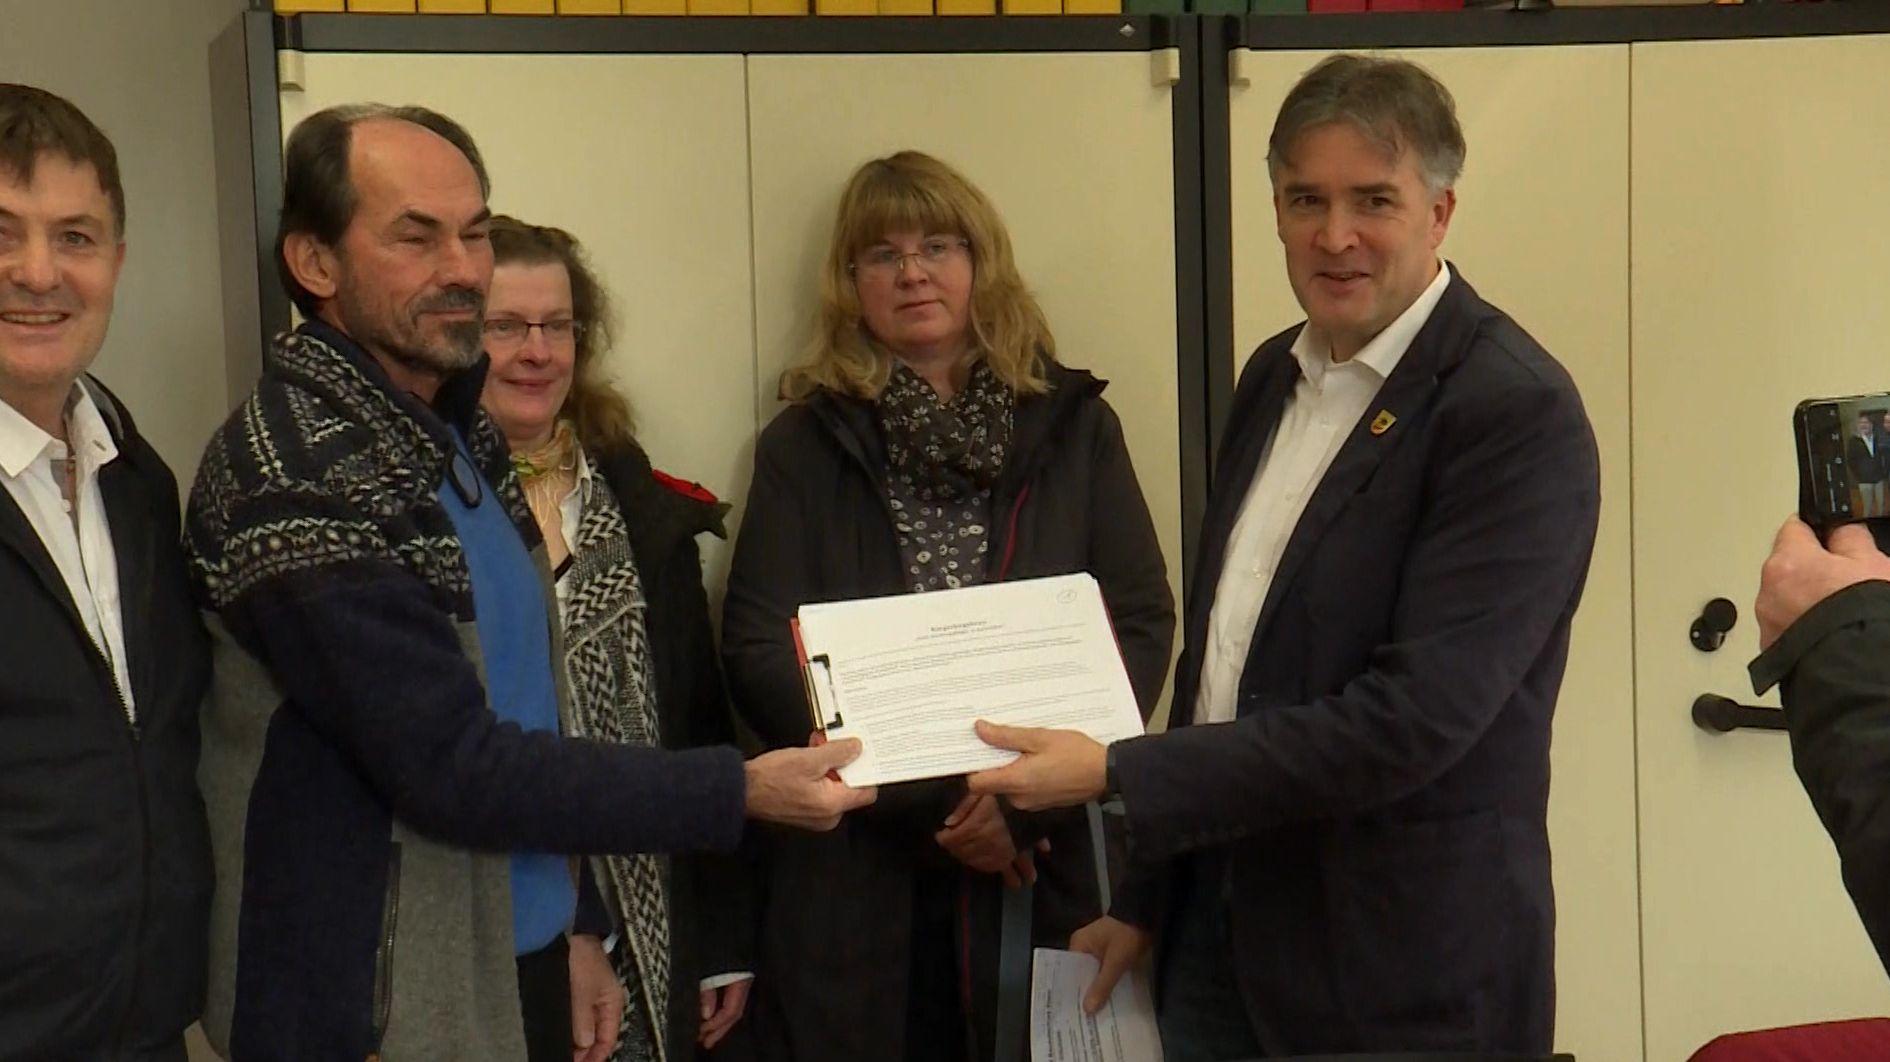 Unterschriftenliste gegen geplantes Hochregallager in Ebern übergeben